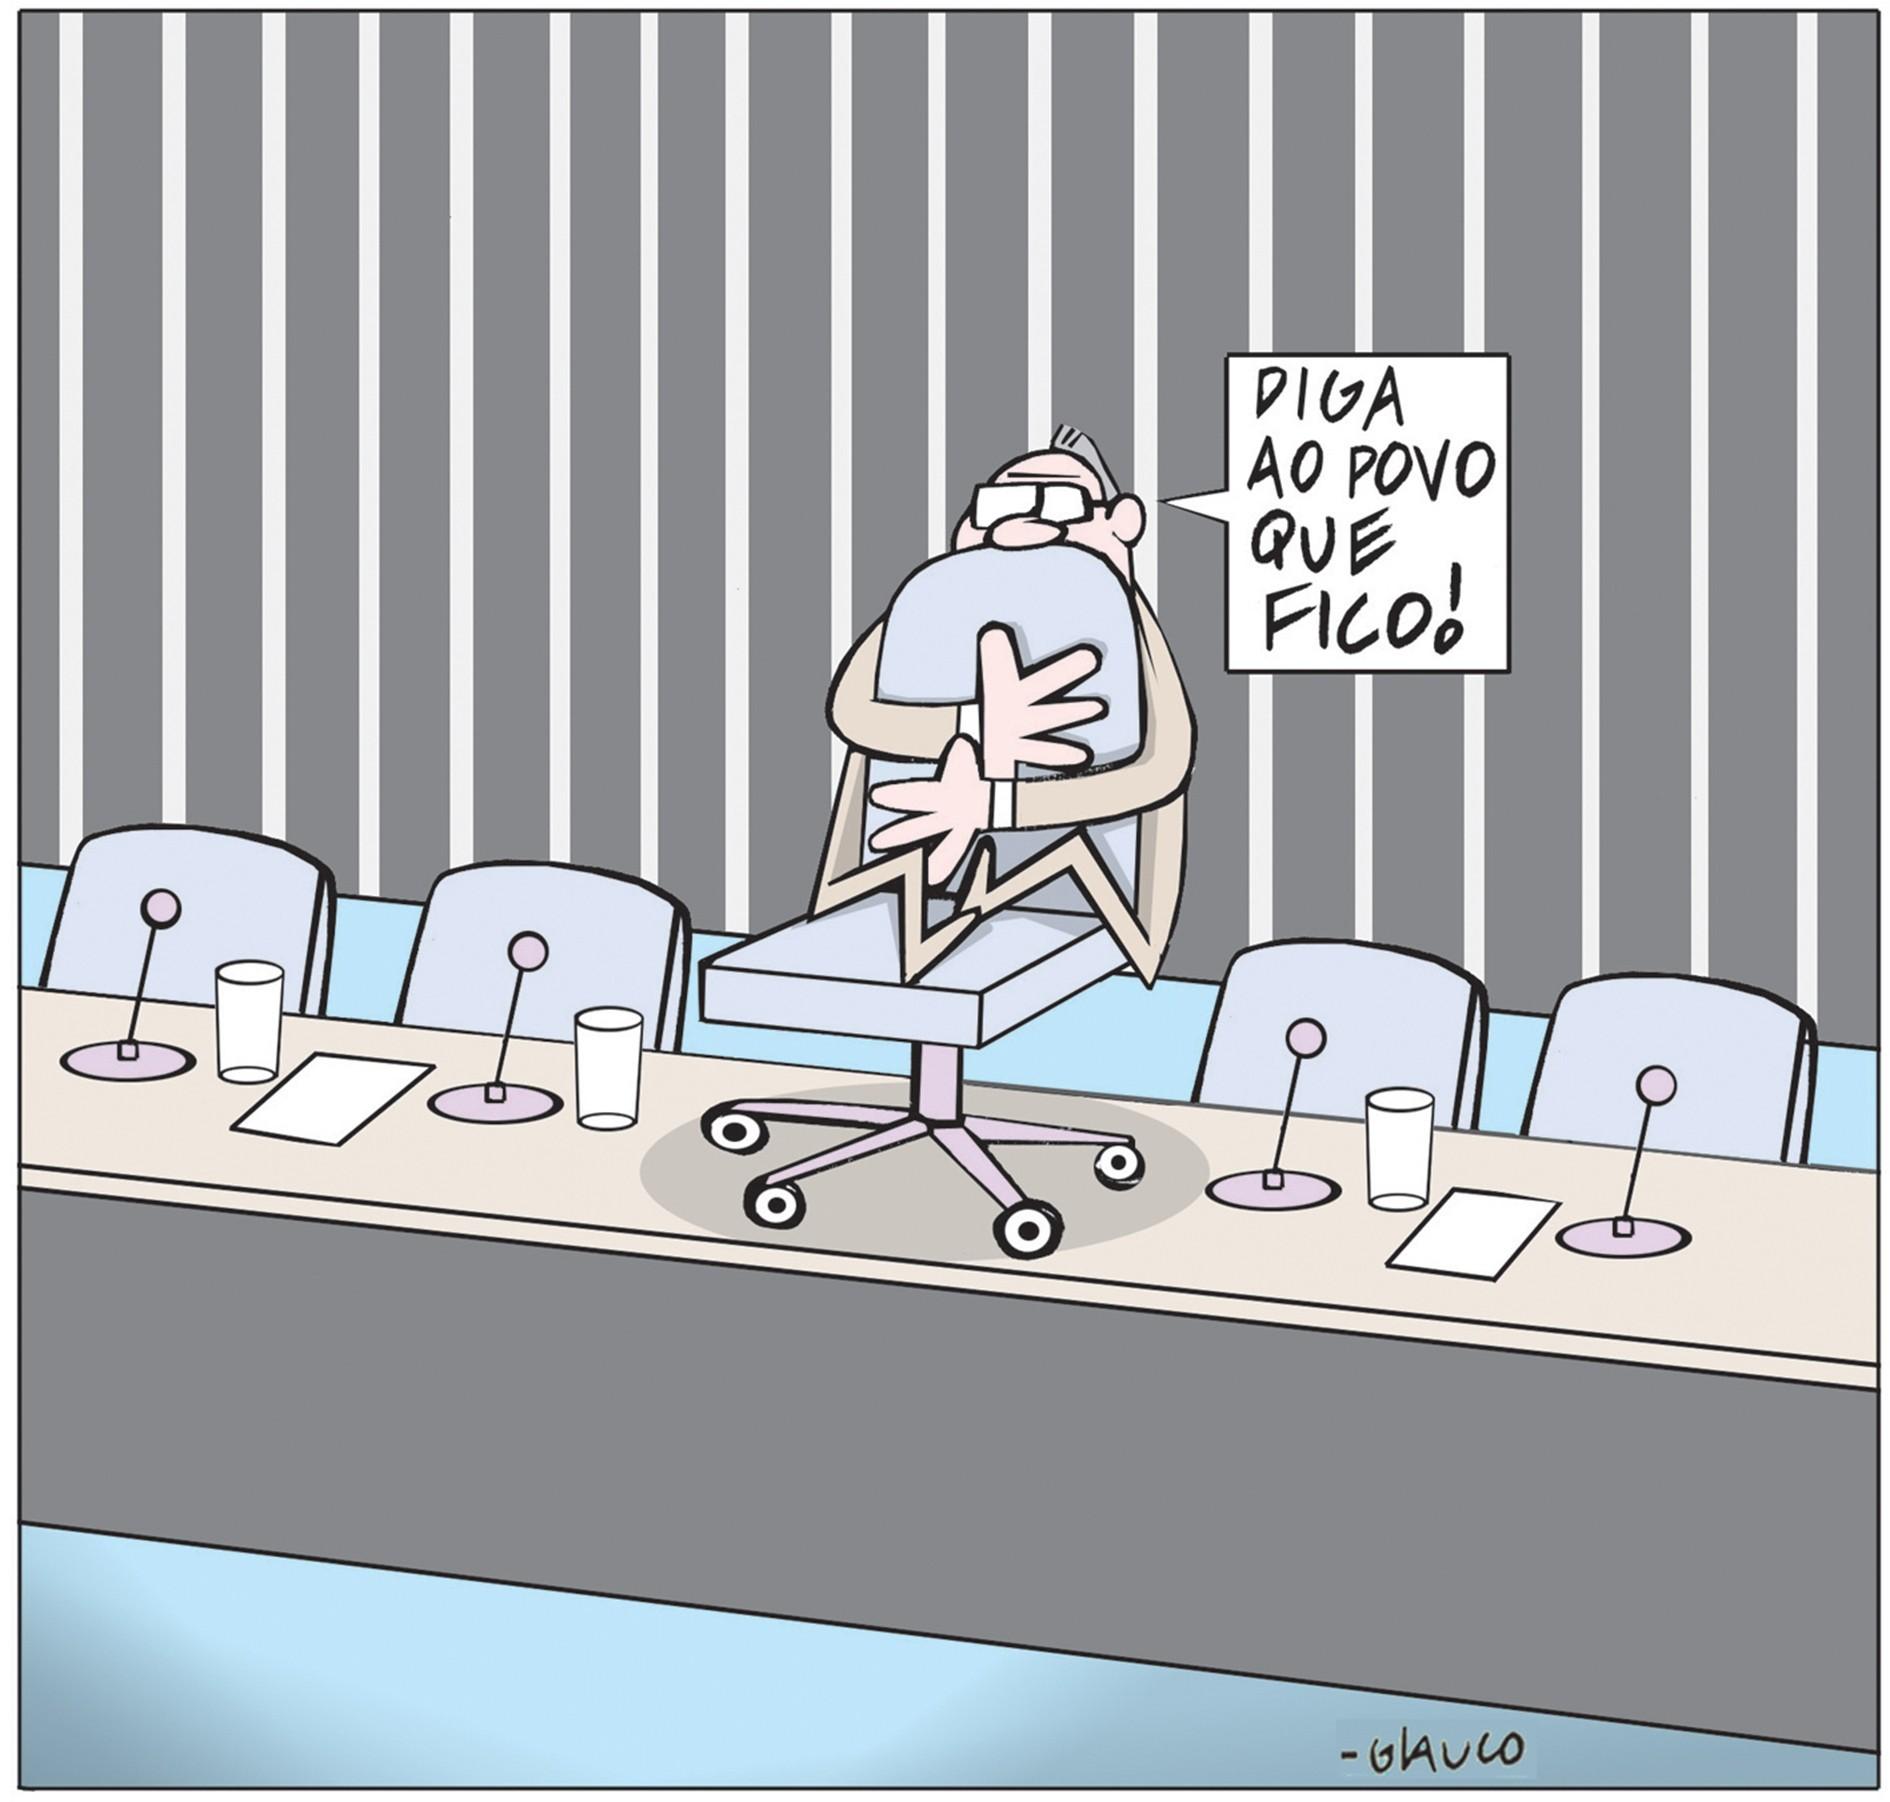 Quadrinho do cartunista Glauco exposto durante mostra no Itaú Cultural